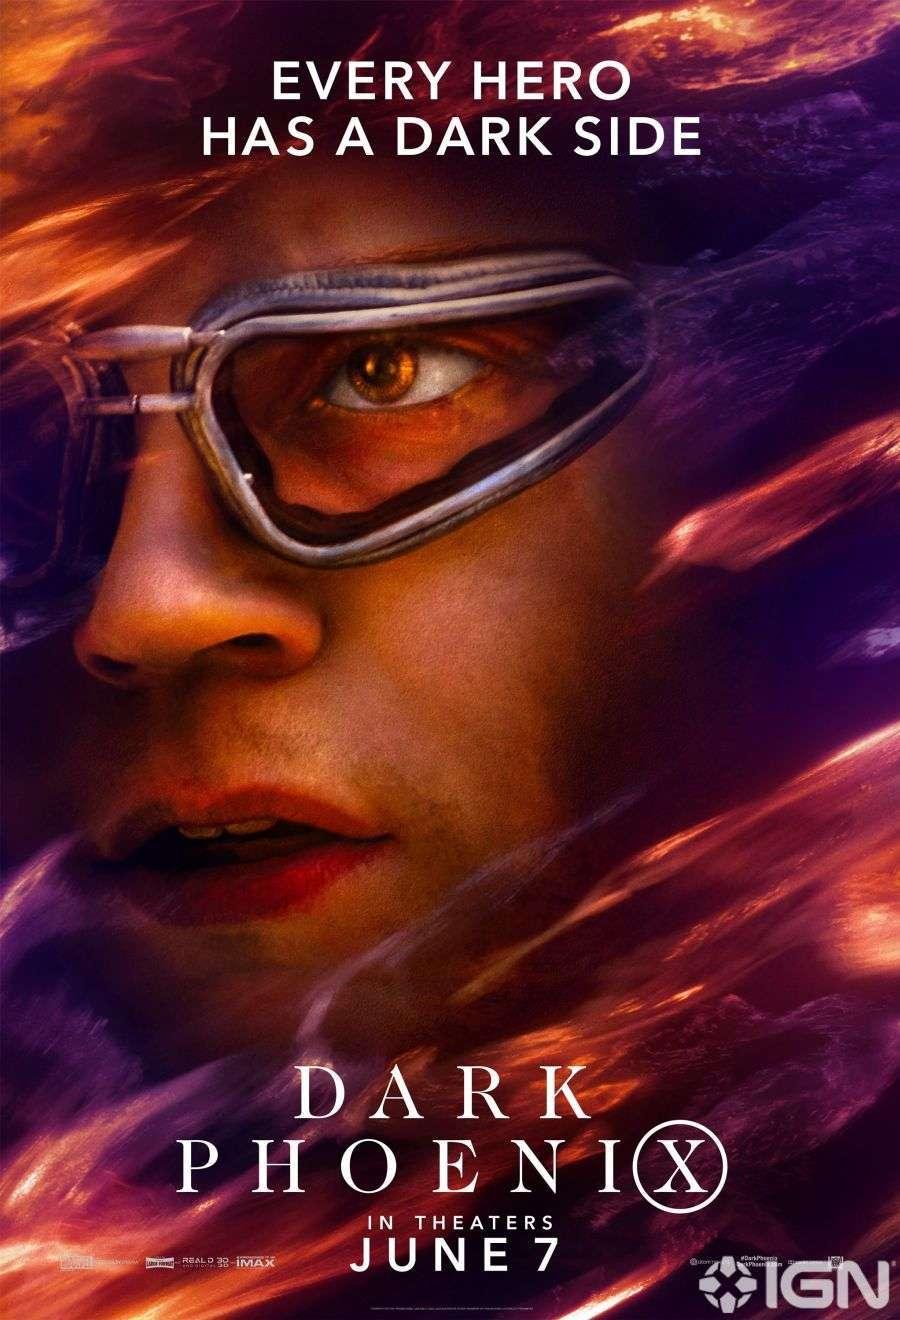 X-Men Dark Phoenix Movie Poster 09